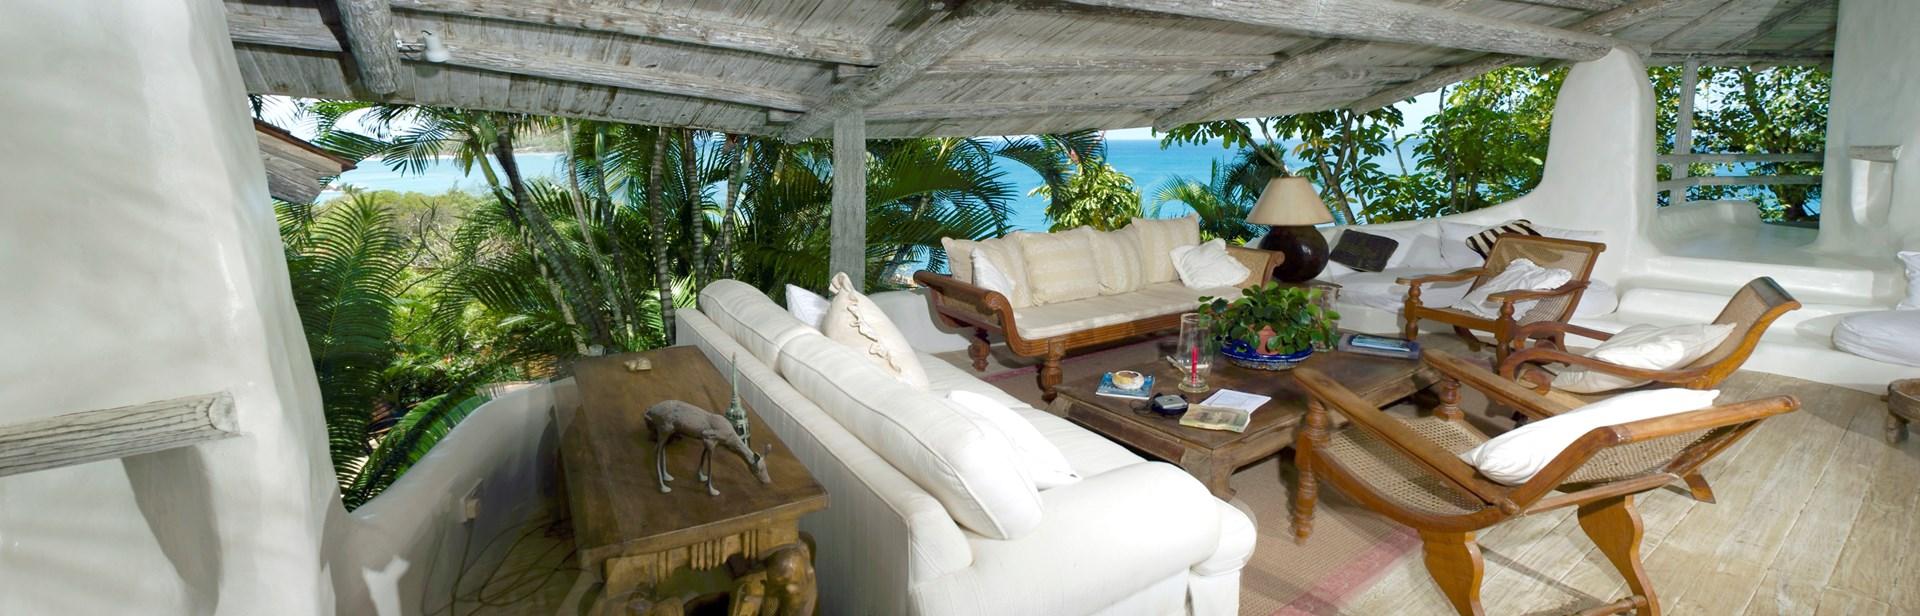 smugglers-nest-villa-lounge